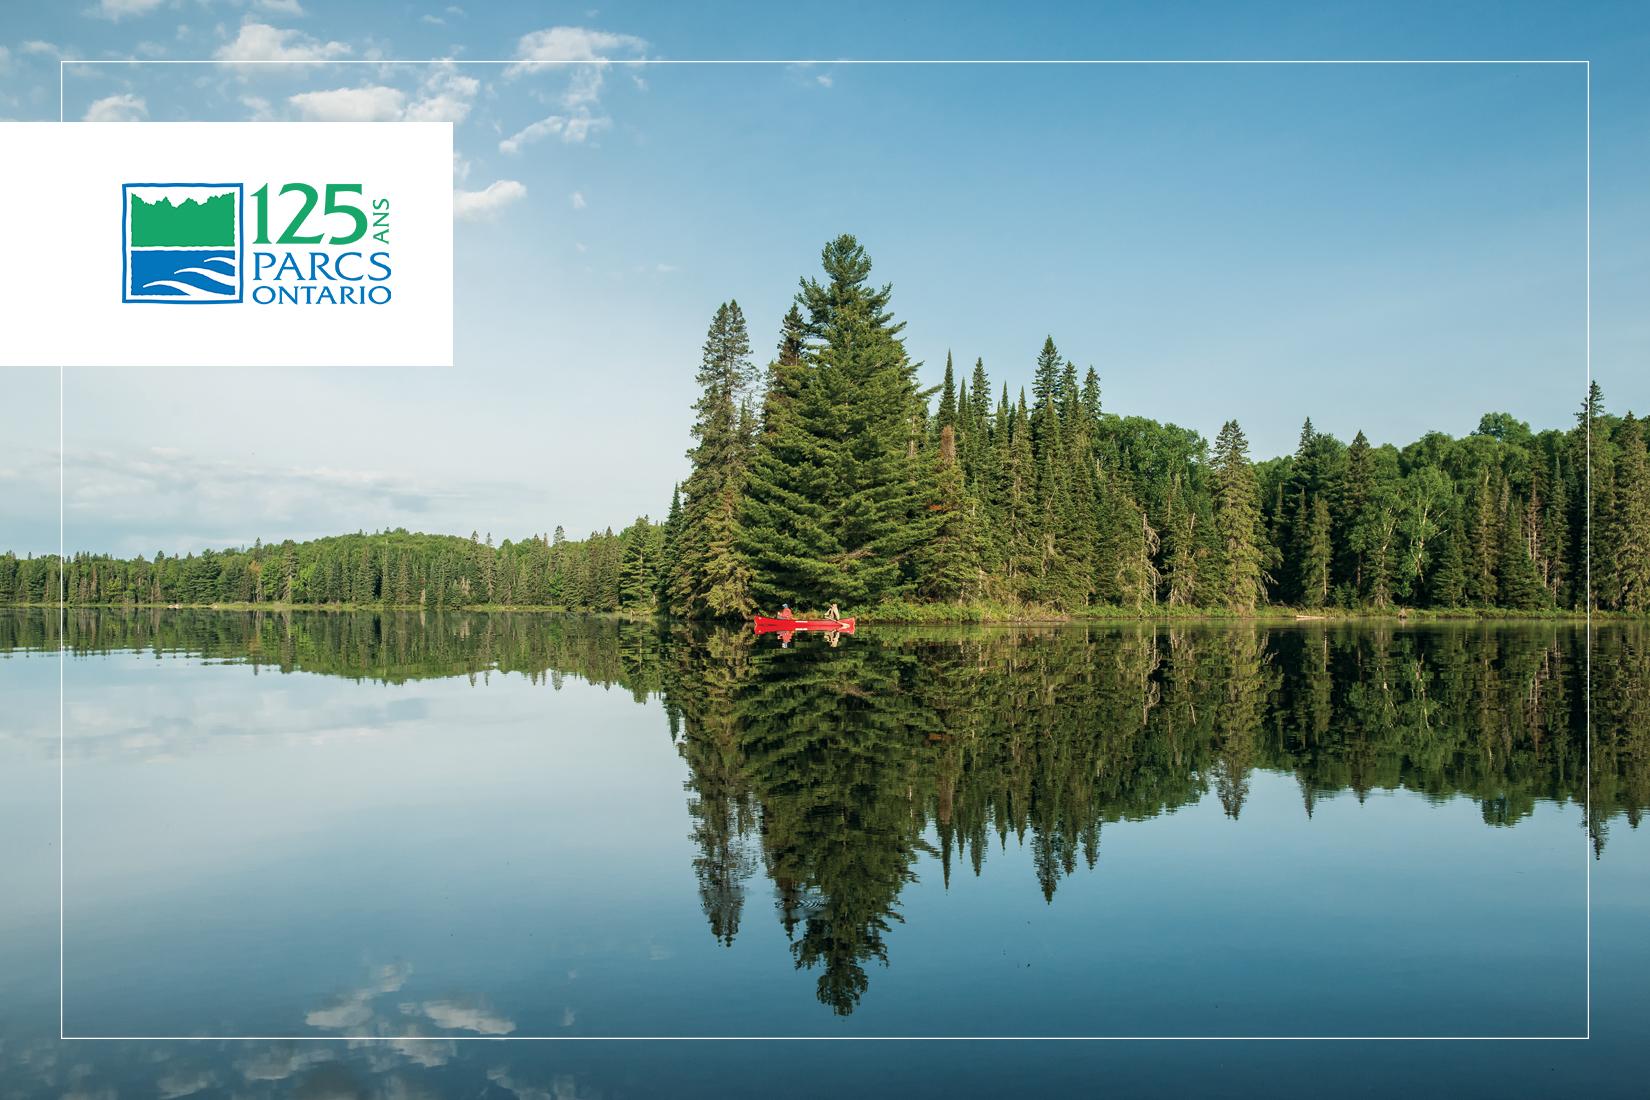 2018 Est Le 125e Anniversaire De Parcs Ontario Parcs Blog